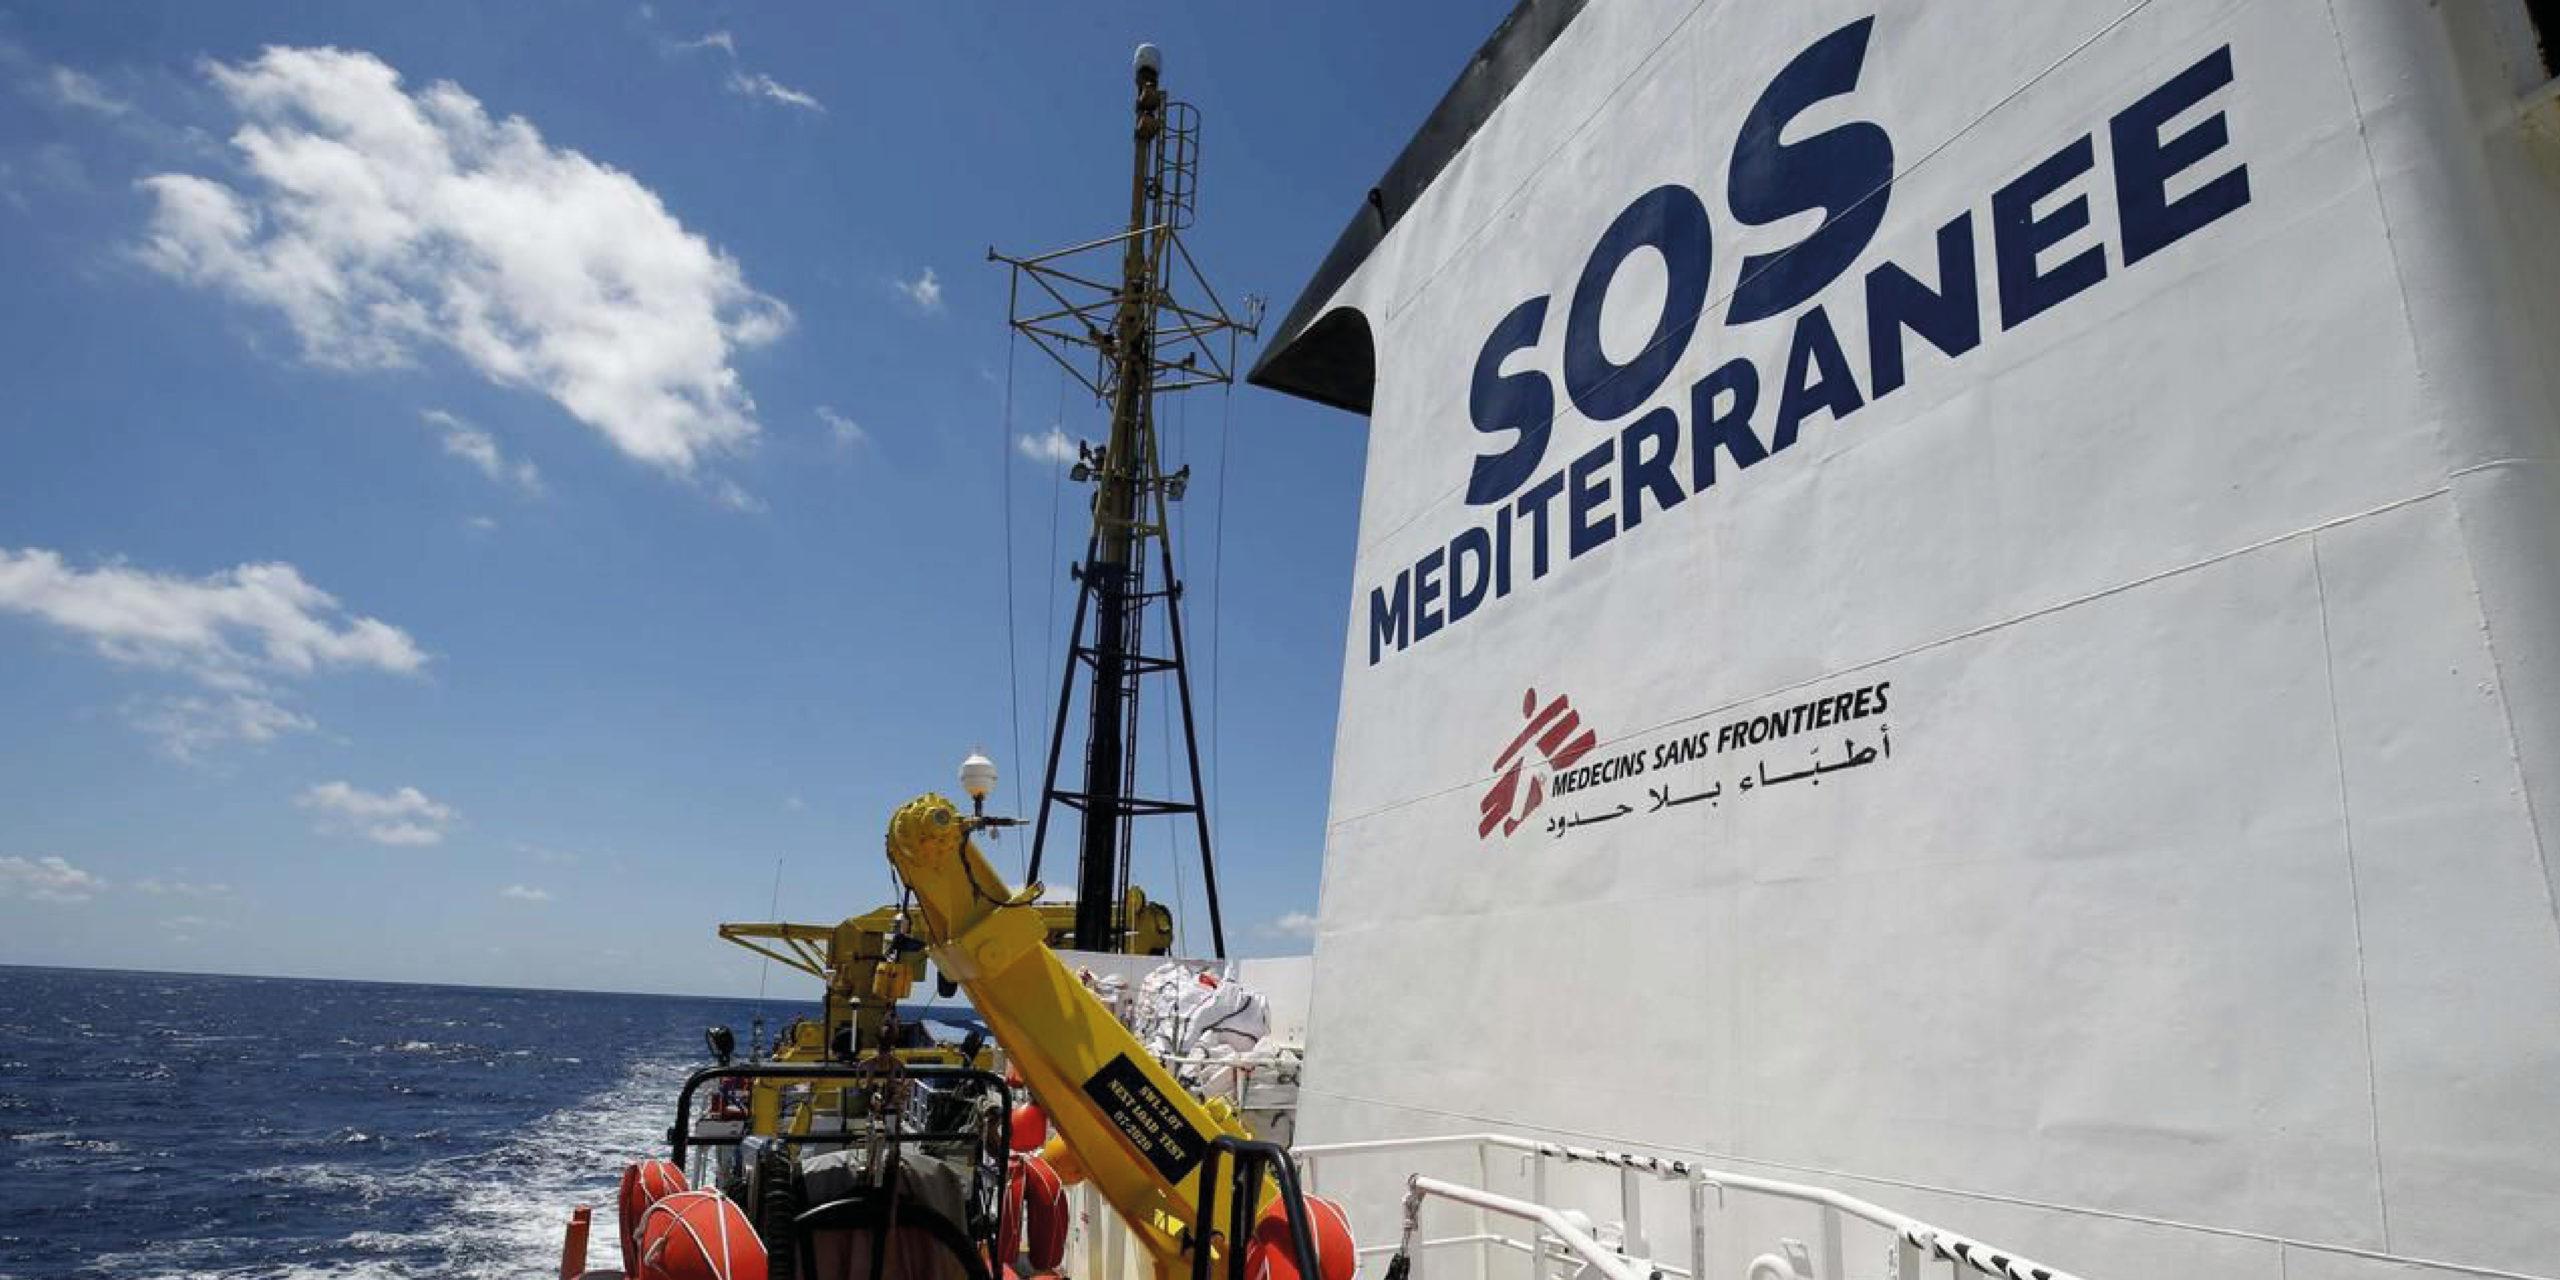 affichage libre-SOS SOS-Mediterranee